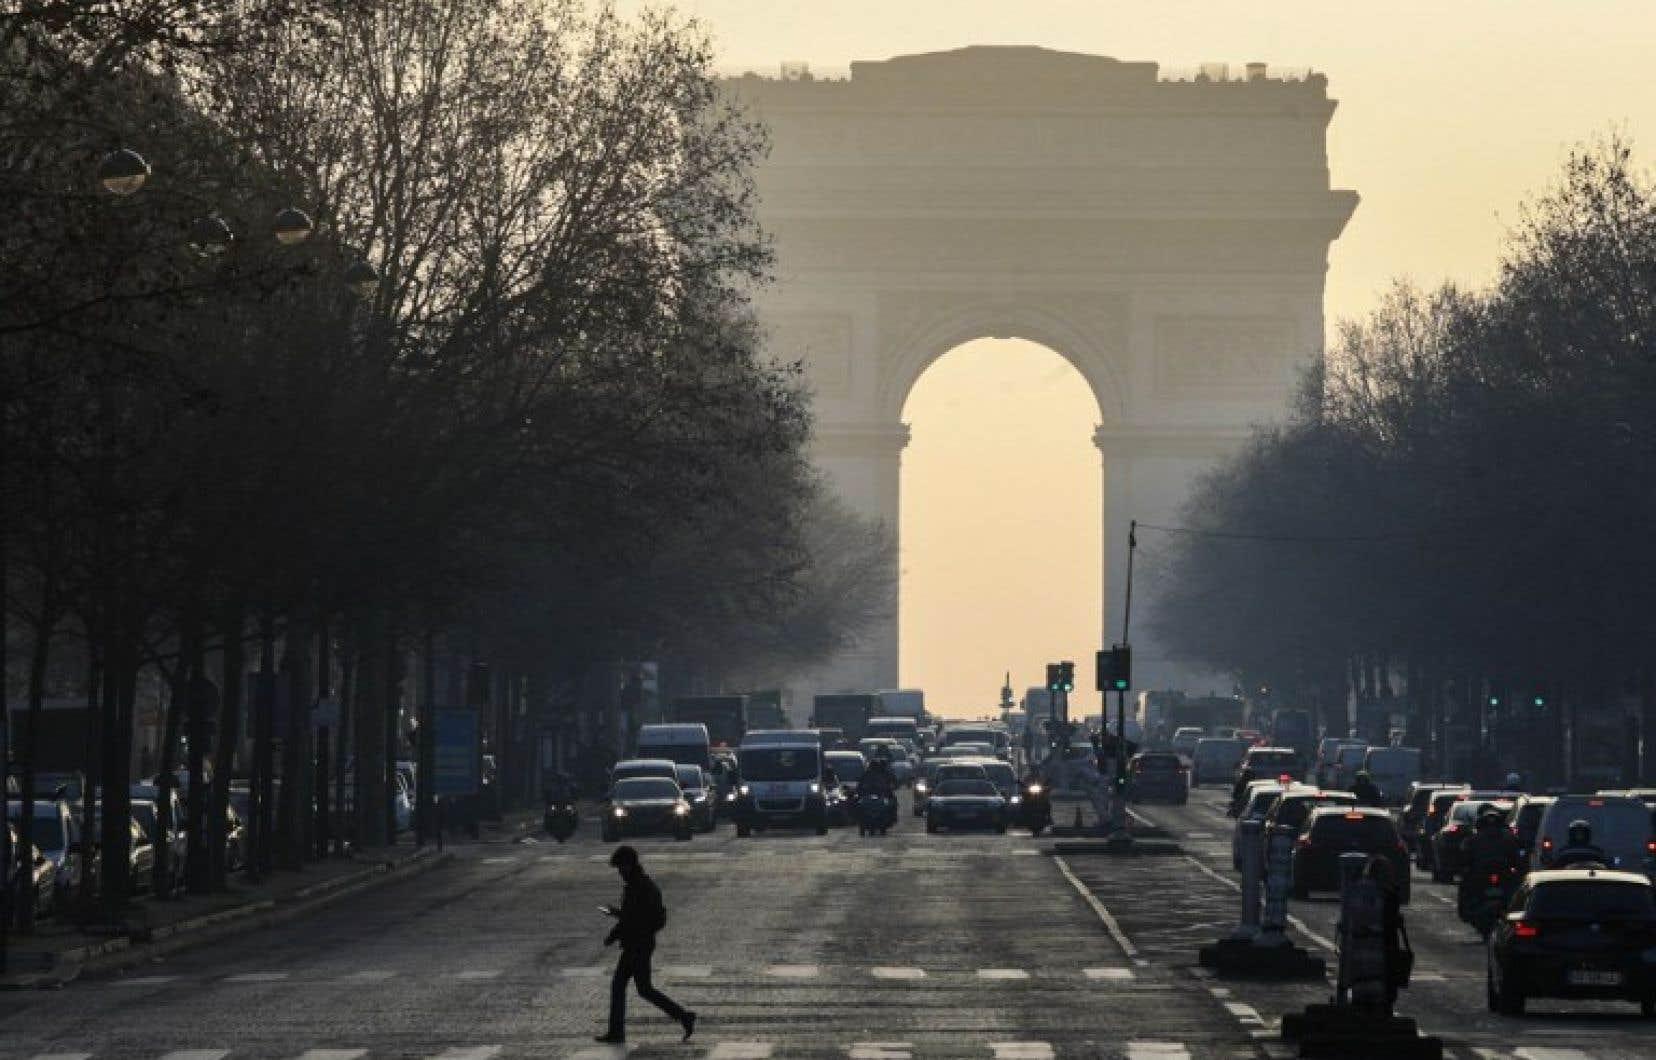 Selon l'Agence européenne de l'environnement, la pollution aux particules fines est responsable de près de 400000 décès prématurés par an.